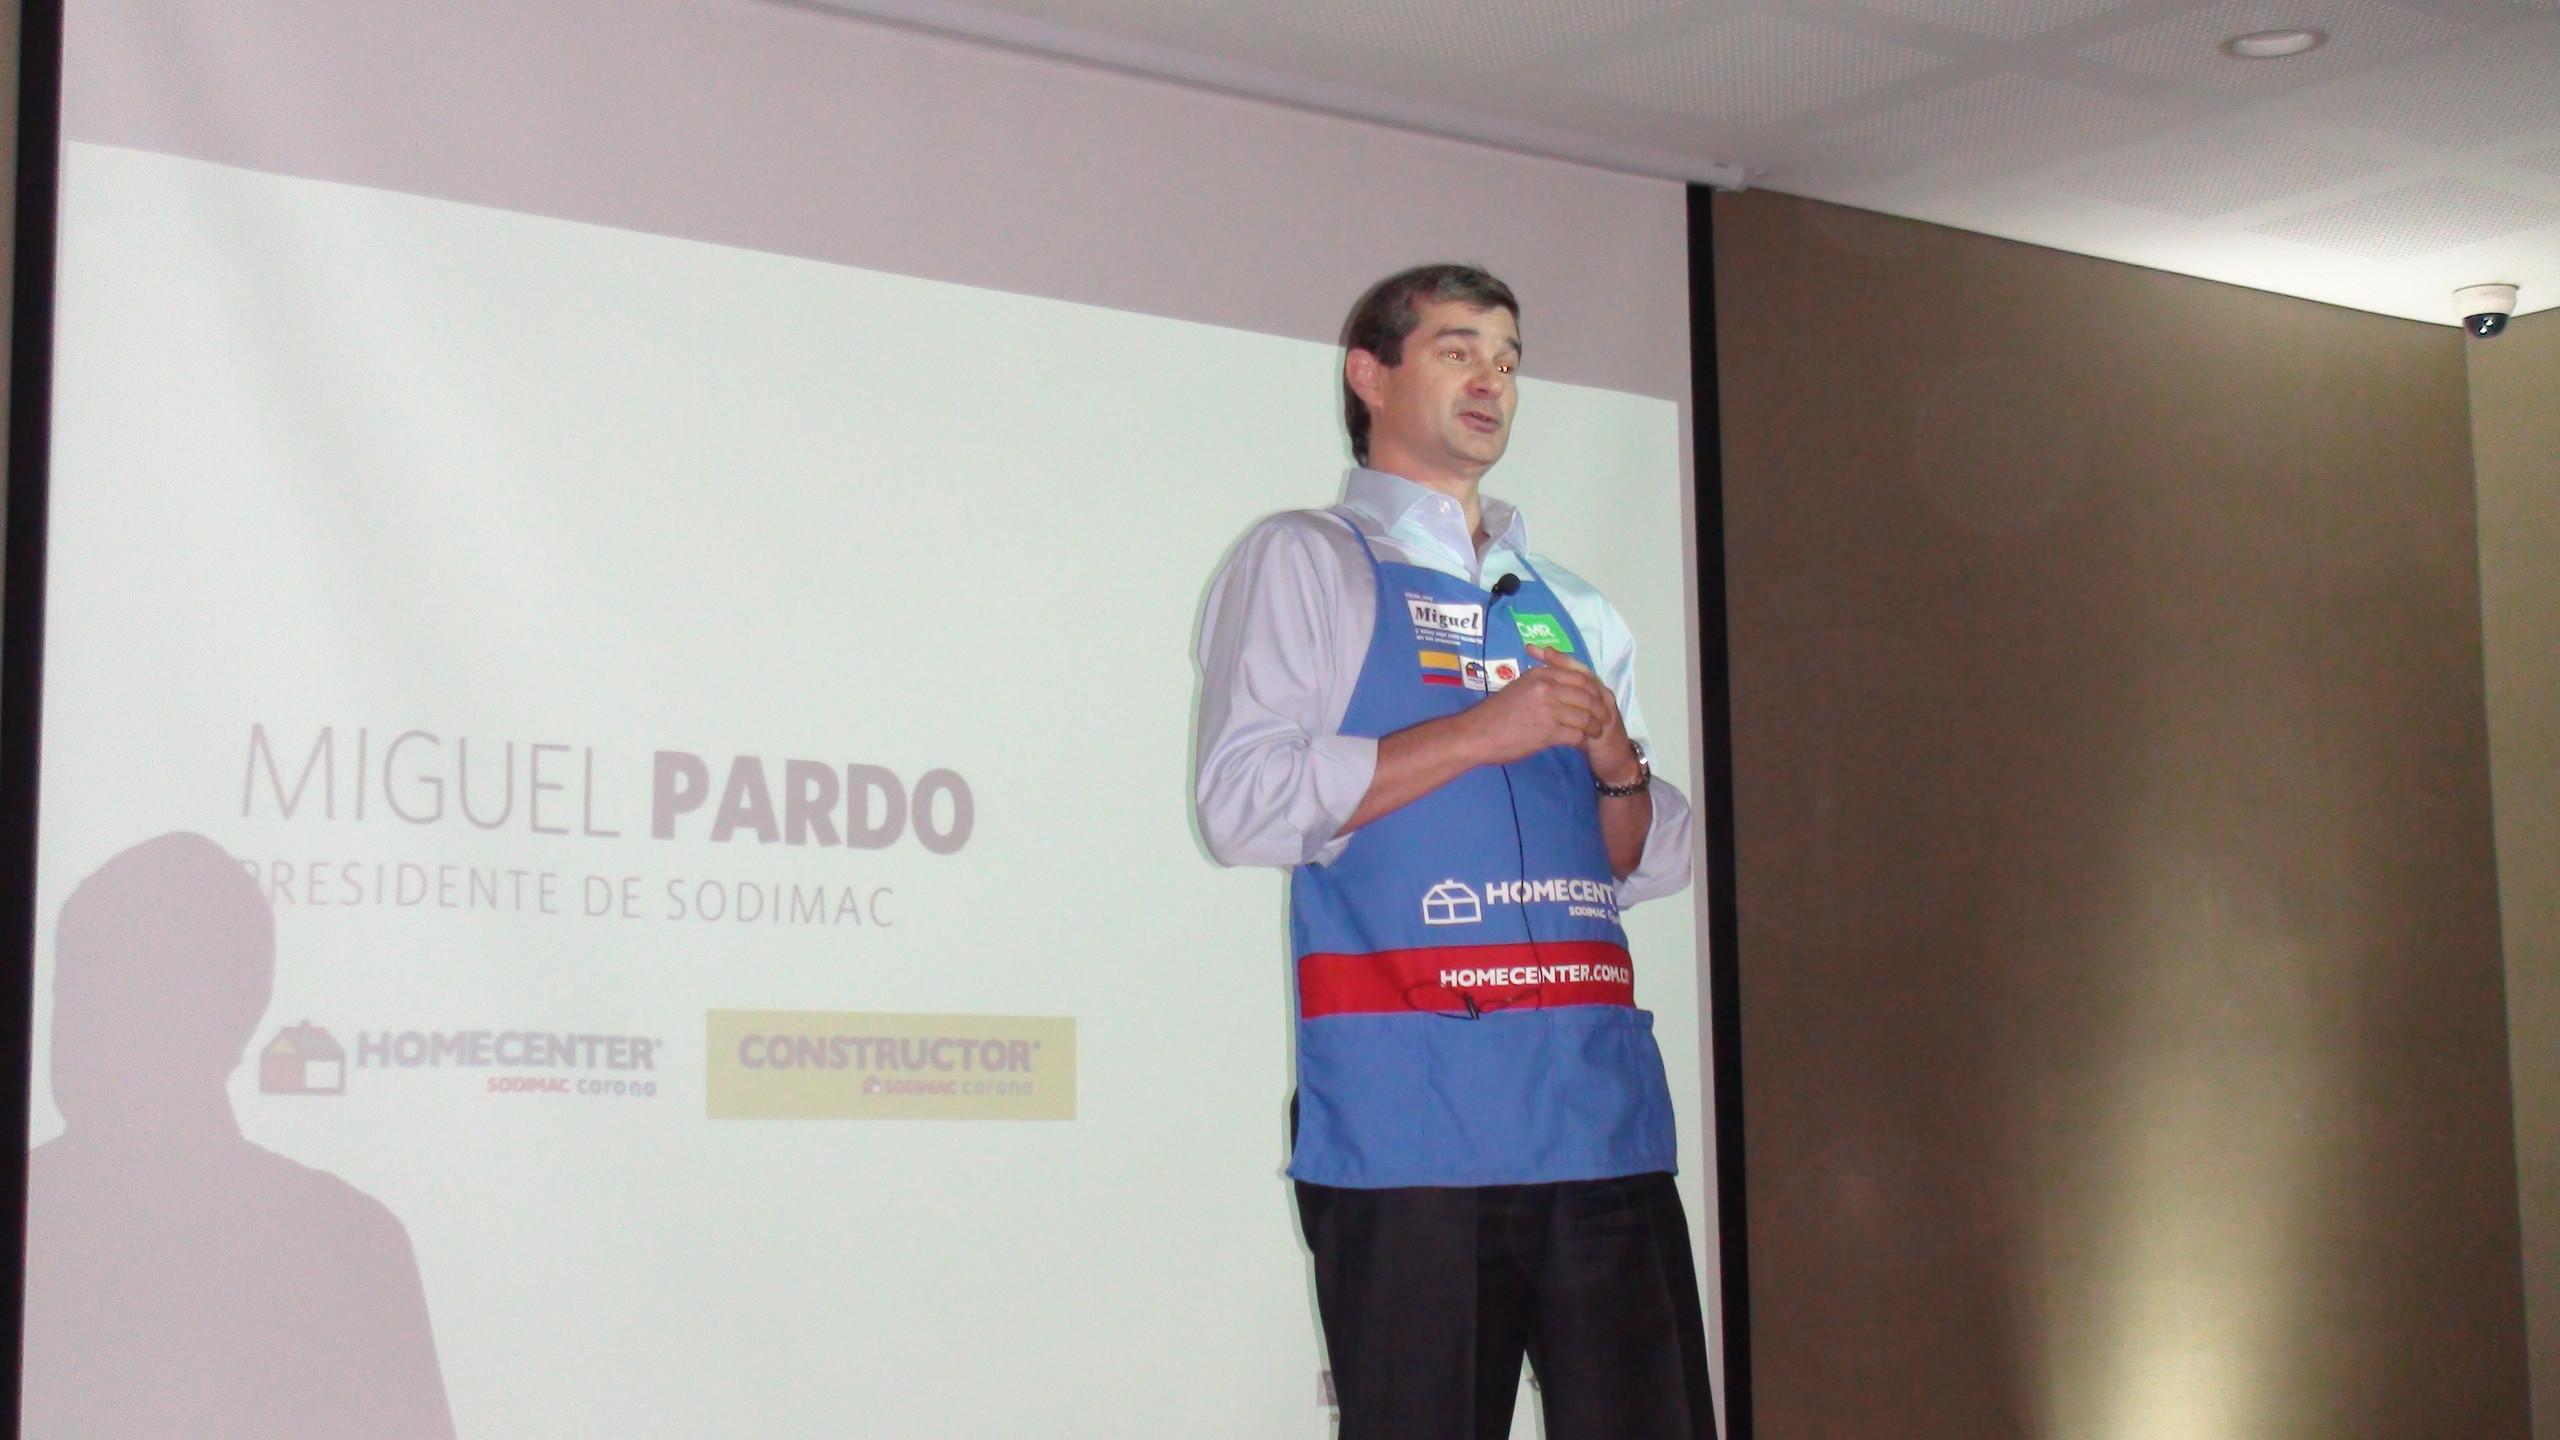 Miguel Pardo, Gerente General de Sodimac Colombia, da unas palabras explicando la importancia de la Aceleradora dentro de Sodimac Colombia